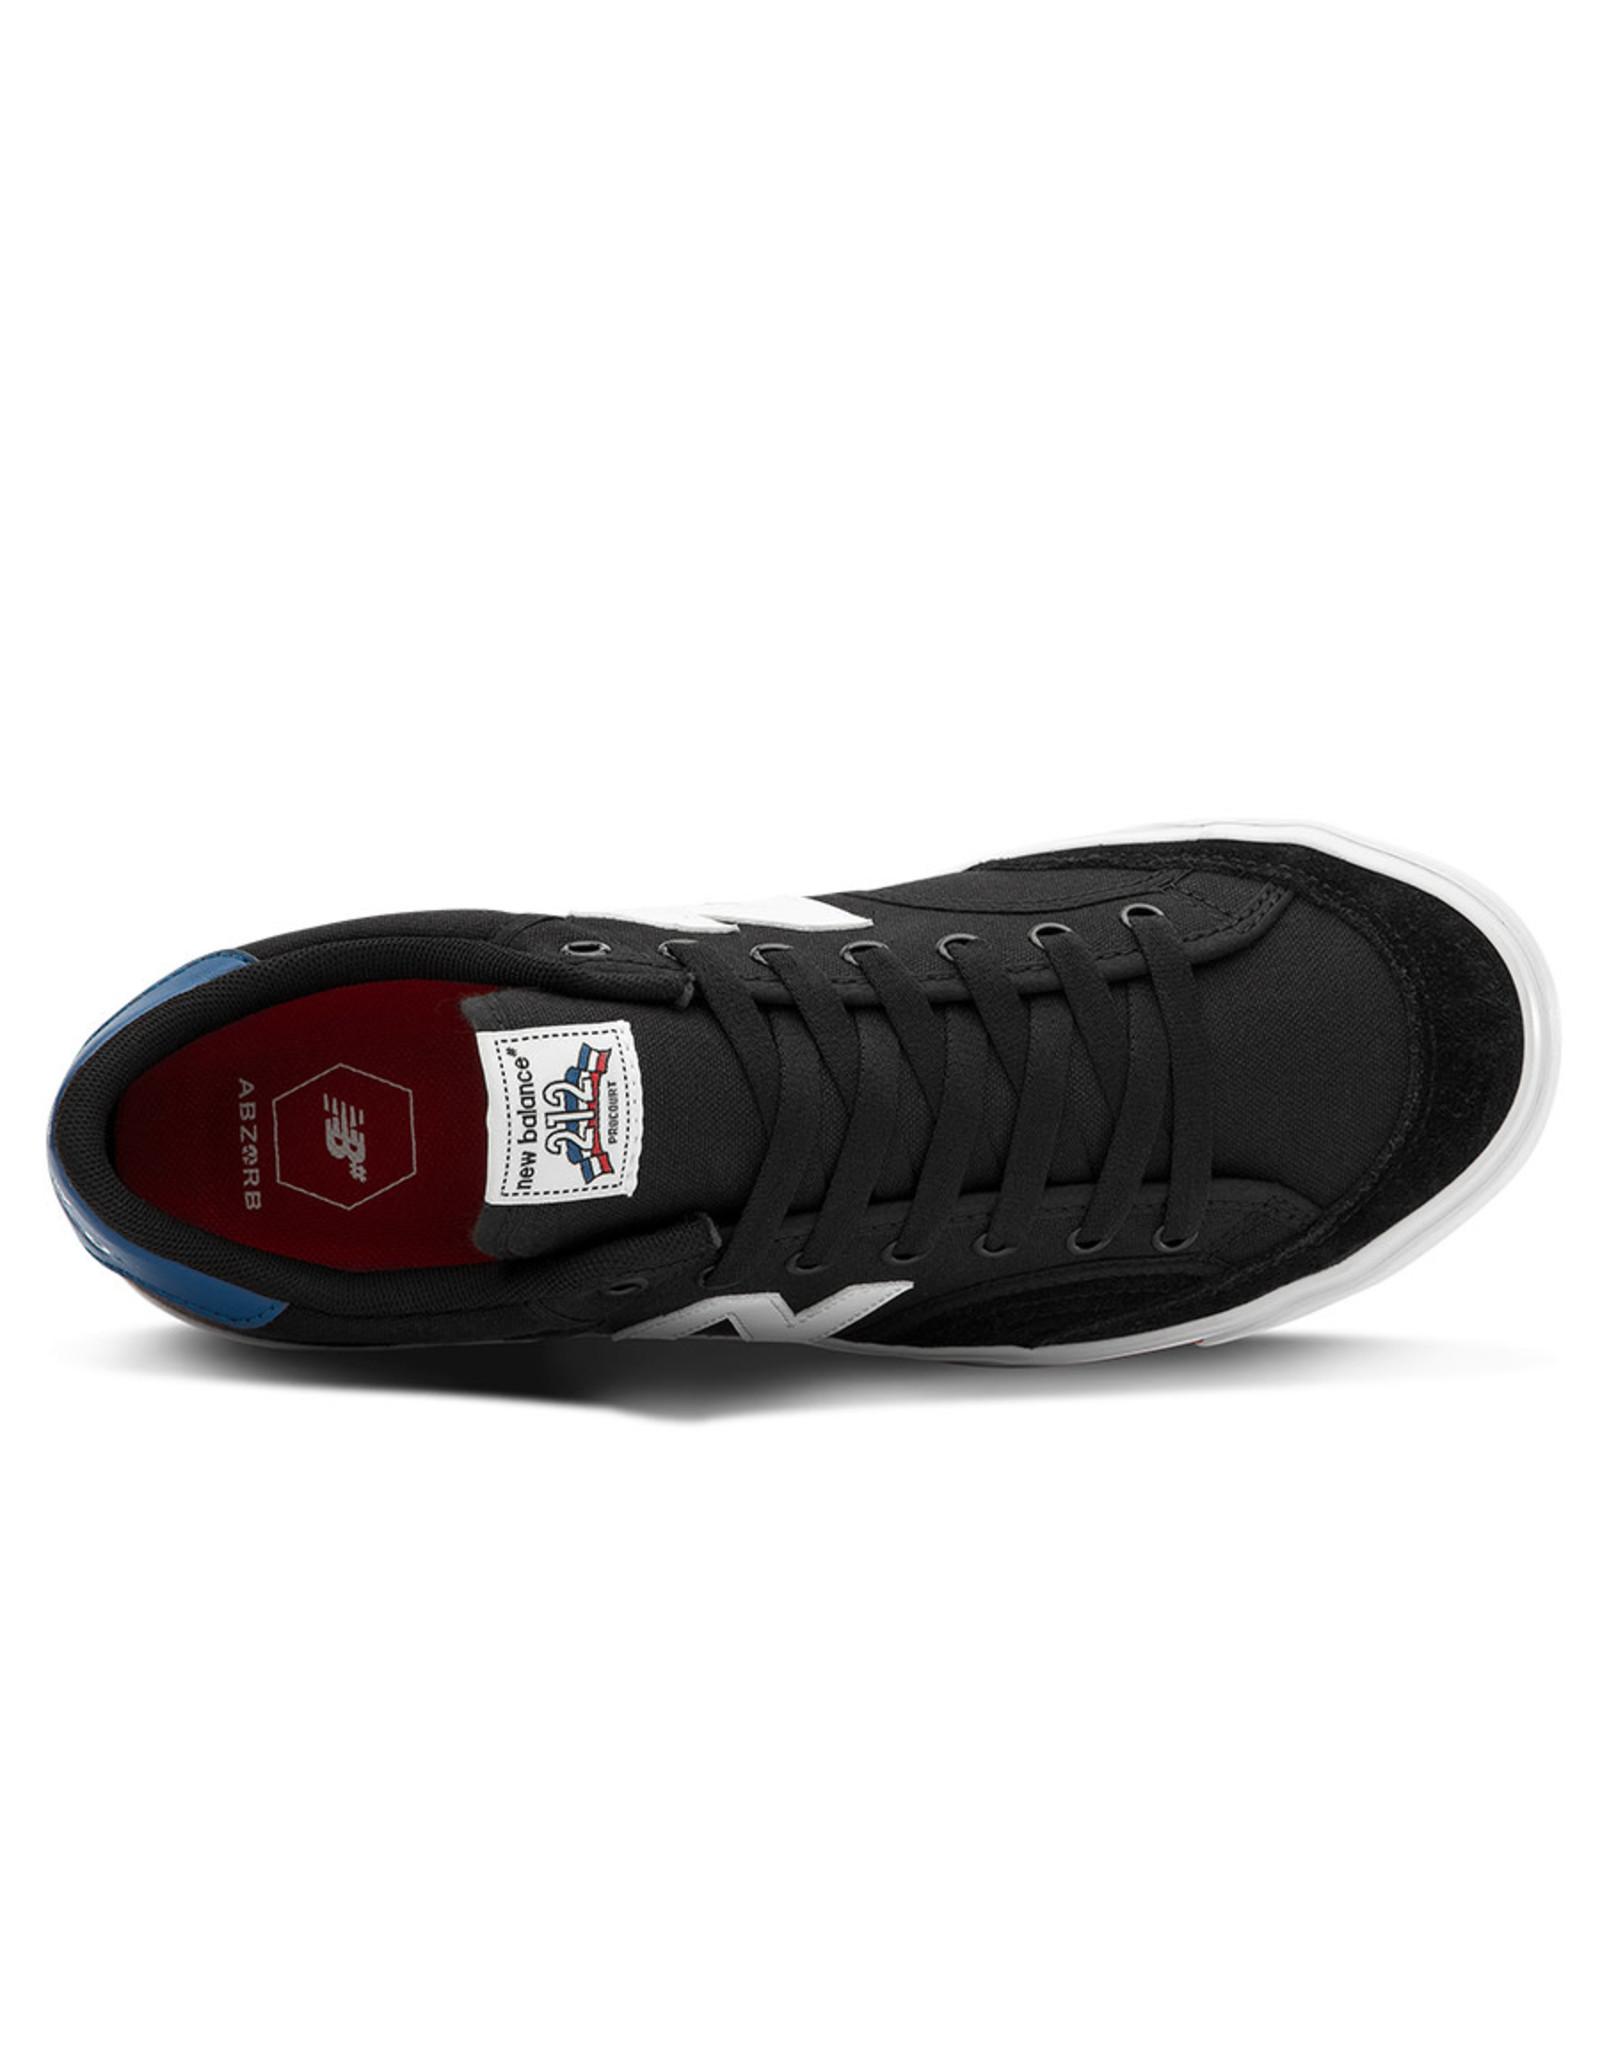 New Balance Numeric New Balance Numeric Shoe 212 Pro Court (Black/USA)